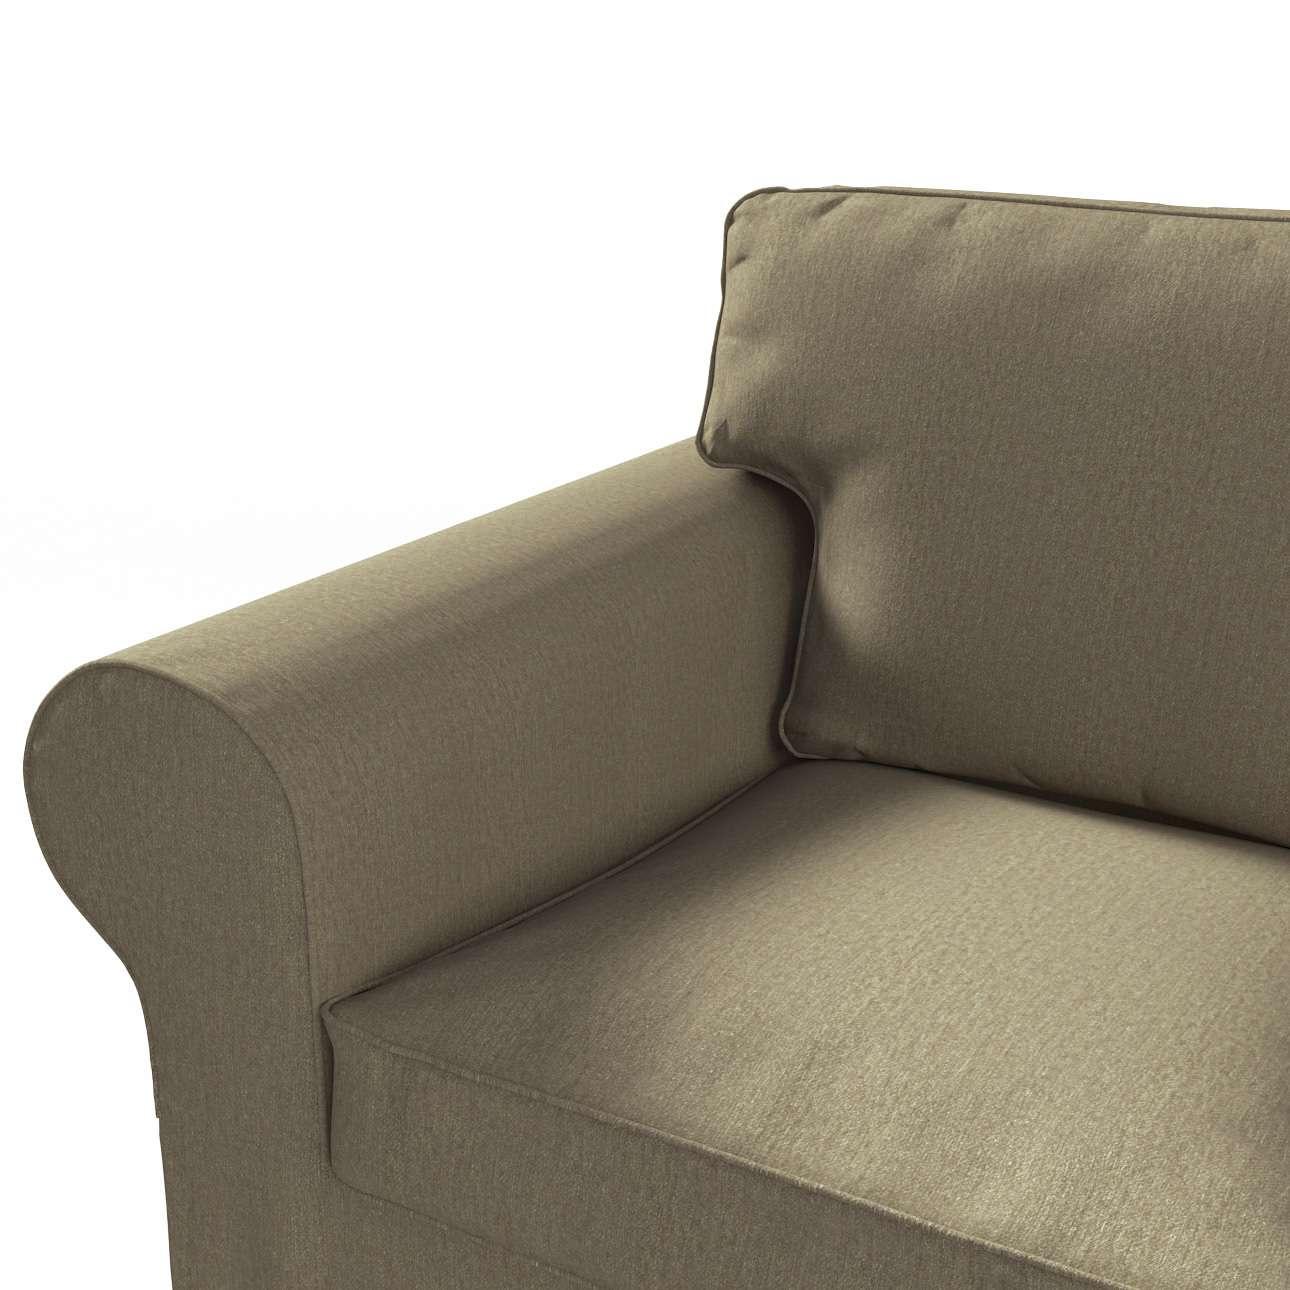 Bezug für Ektorp 3-Sitzer Schlafsofa, neues Modell (2013) von der Kollektion Chenille, Stoff: 702-21